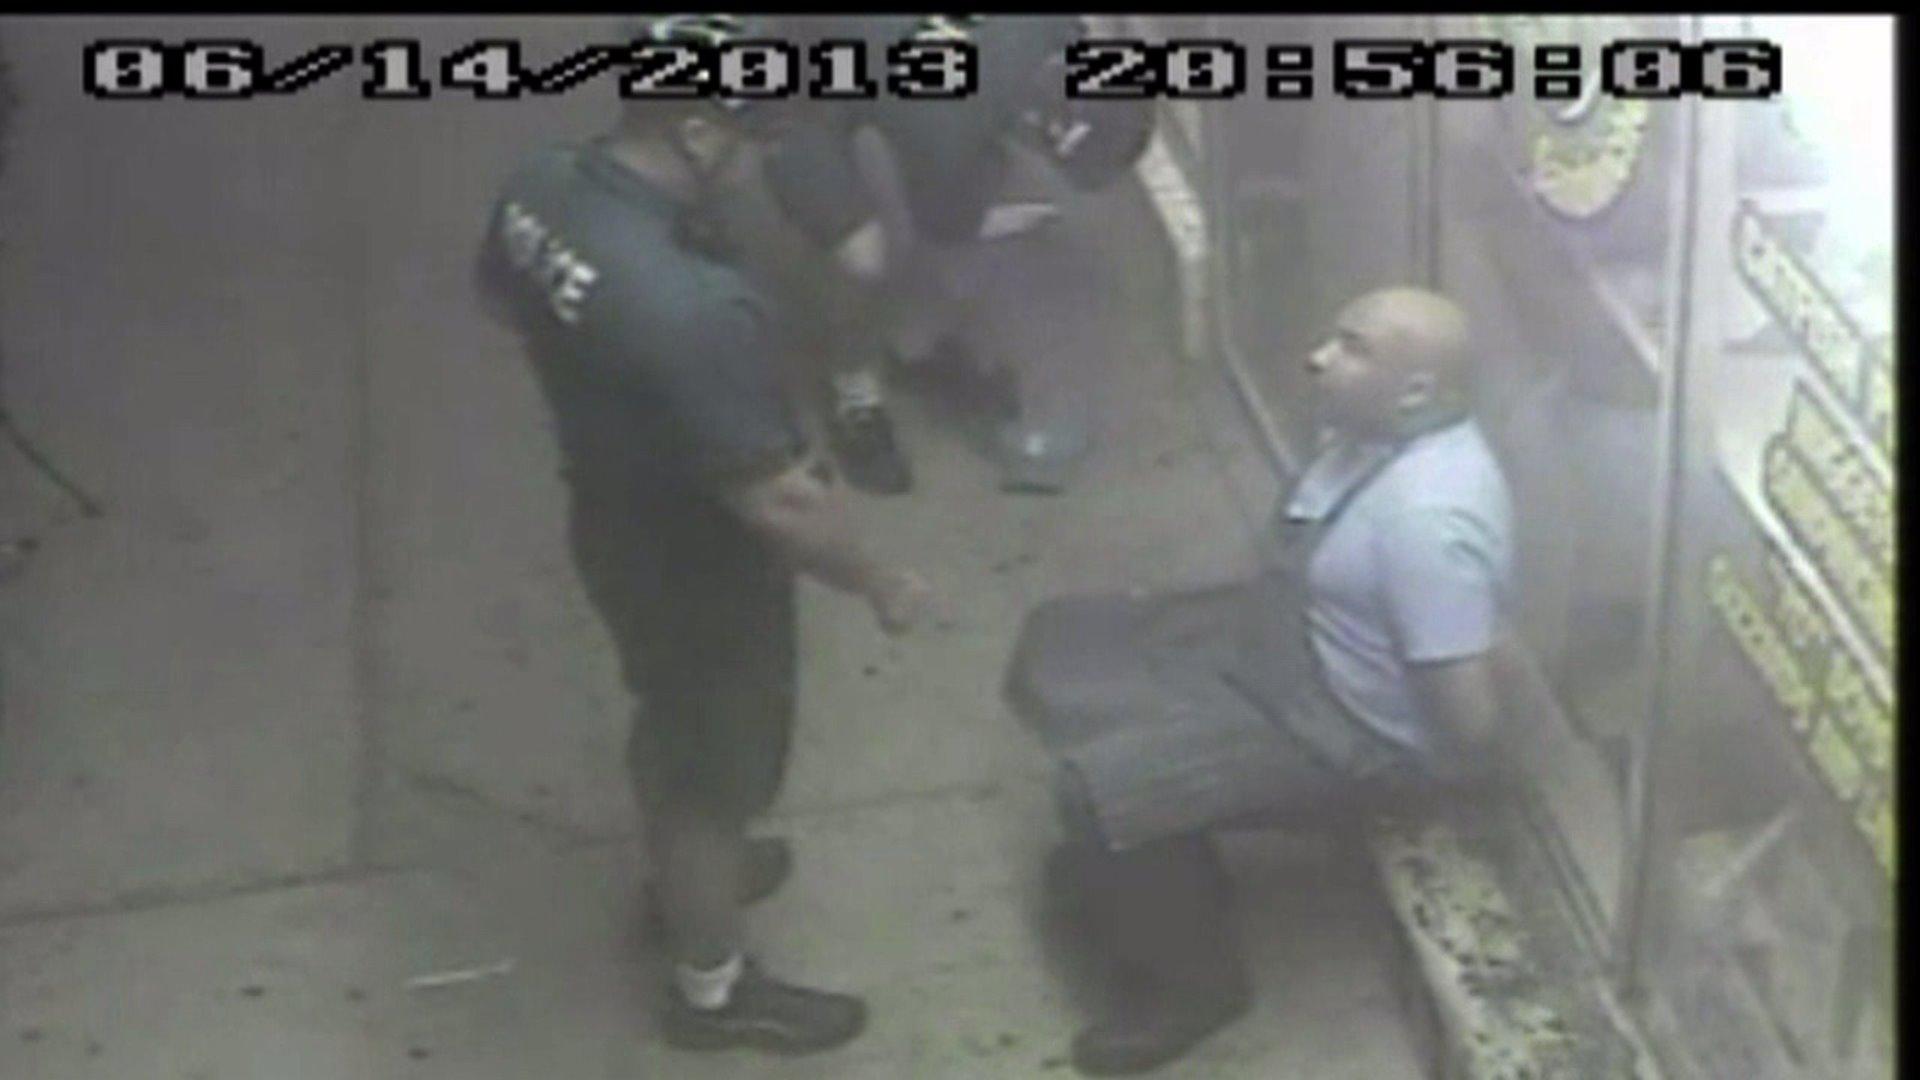 Officer Shawn Miller, left